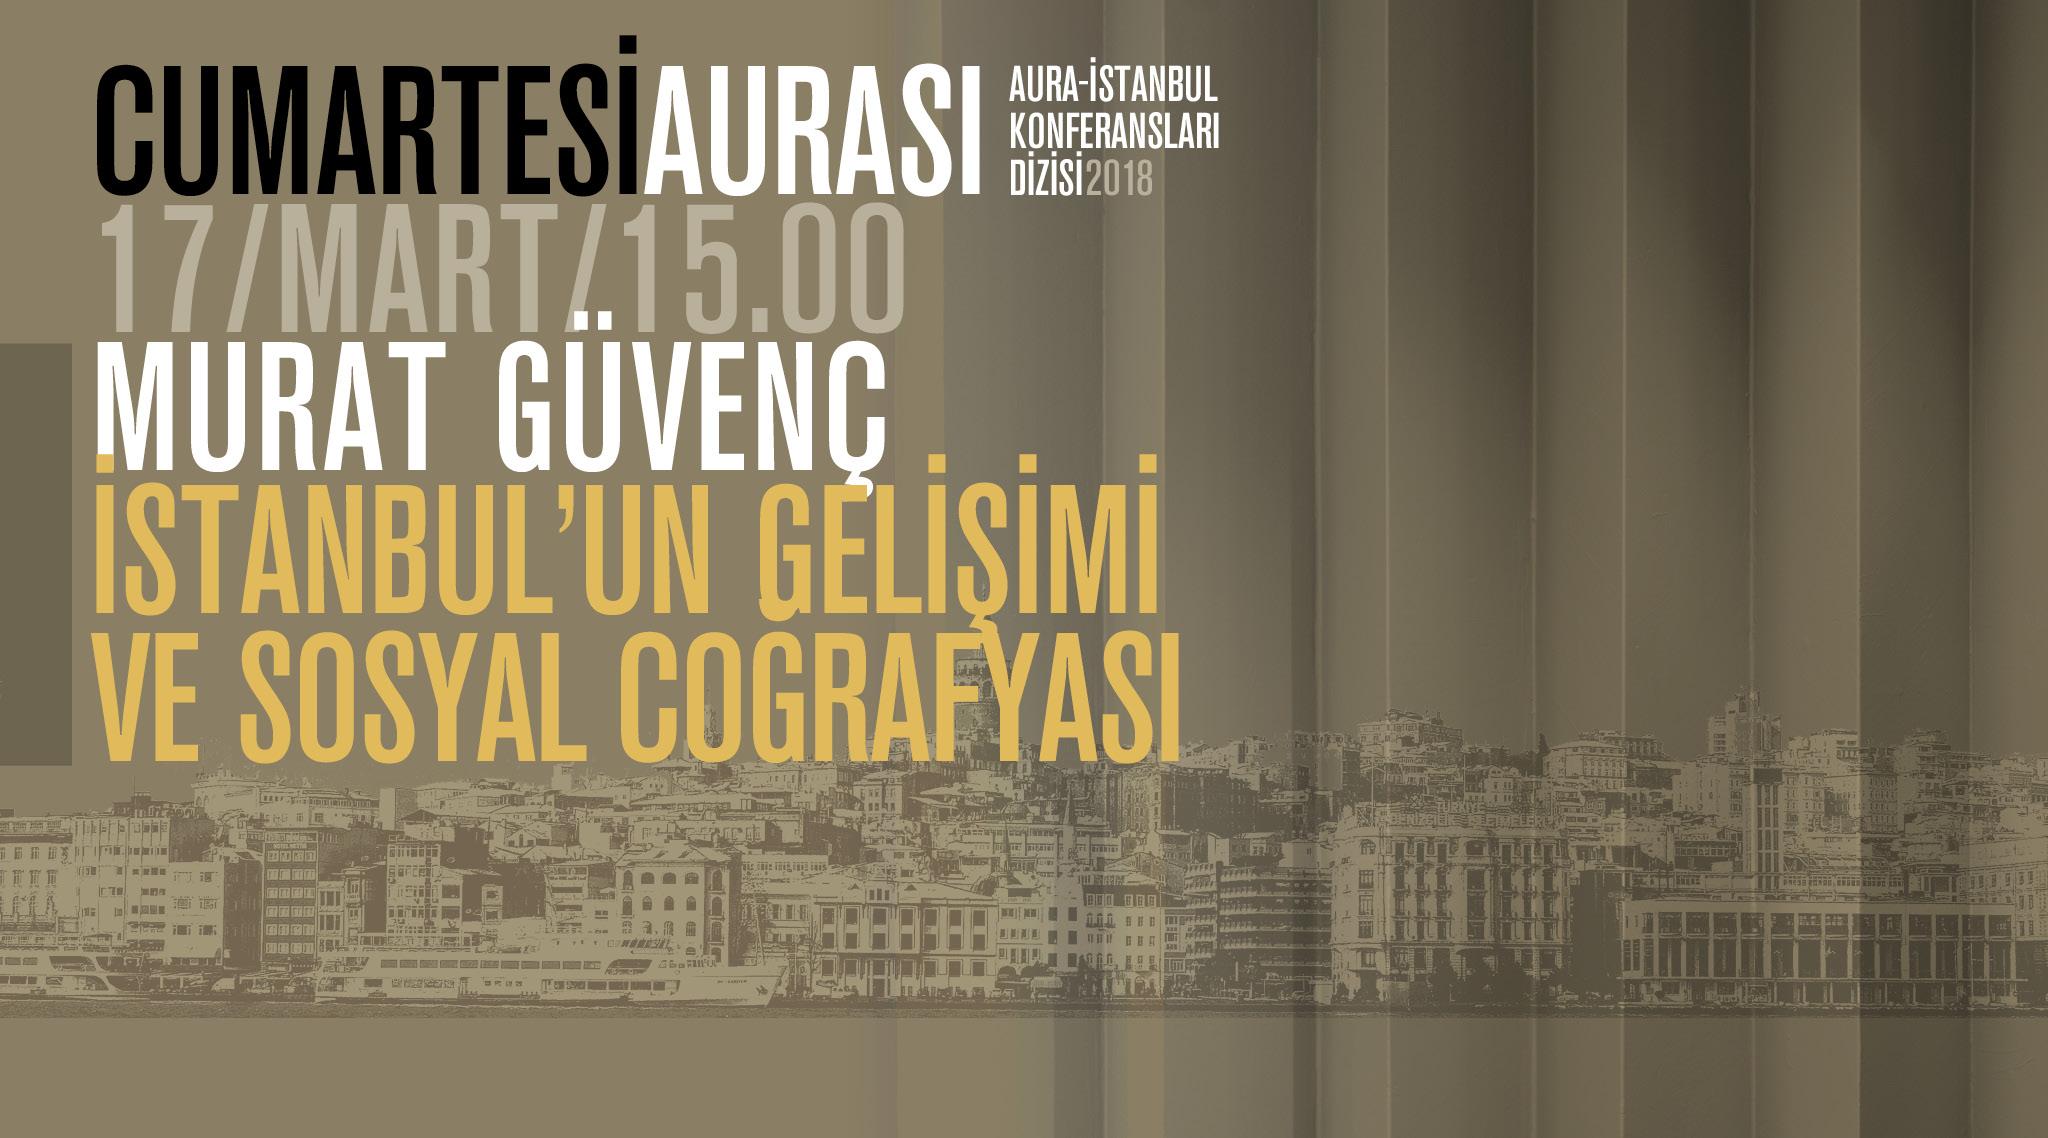 İstanbul'un Gelişimi ve Sosyal Coğrafyası